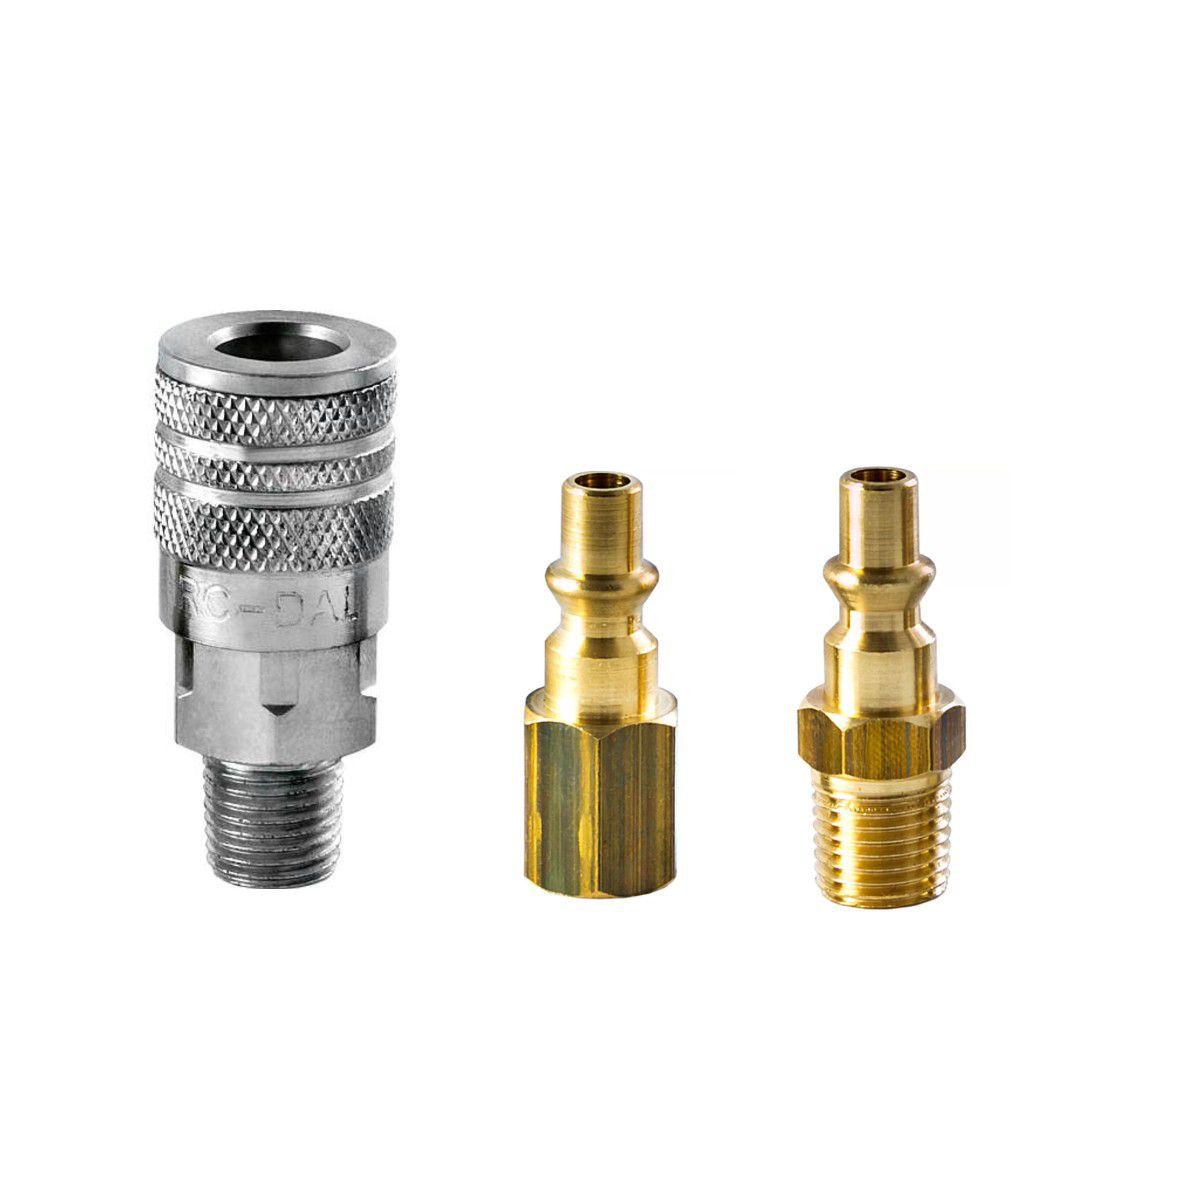 Kit Engate Rápido + Mangueira Compressor 5/16 X 20 Mt